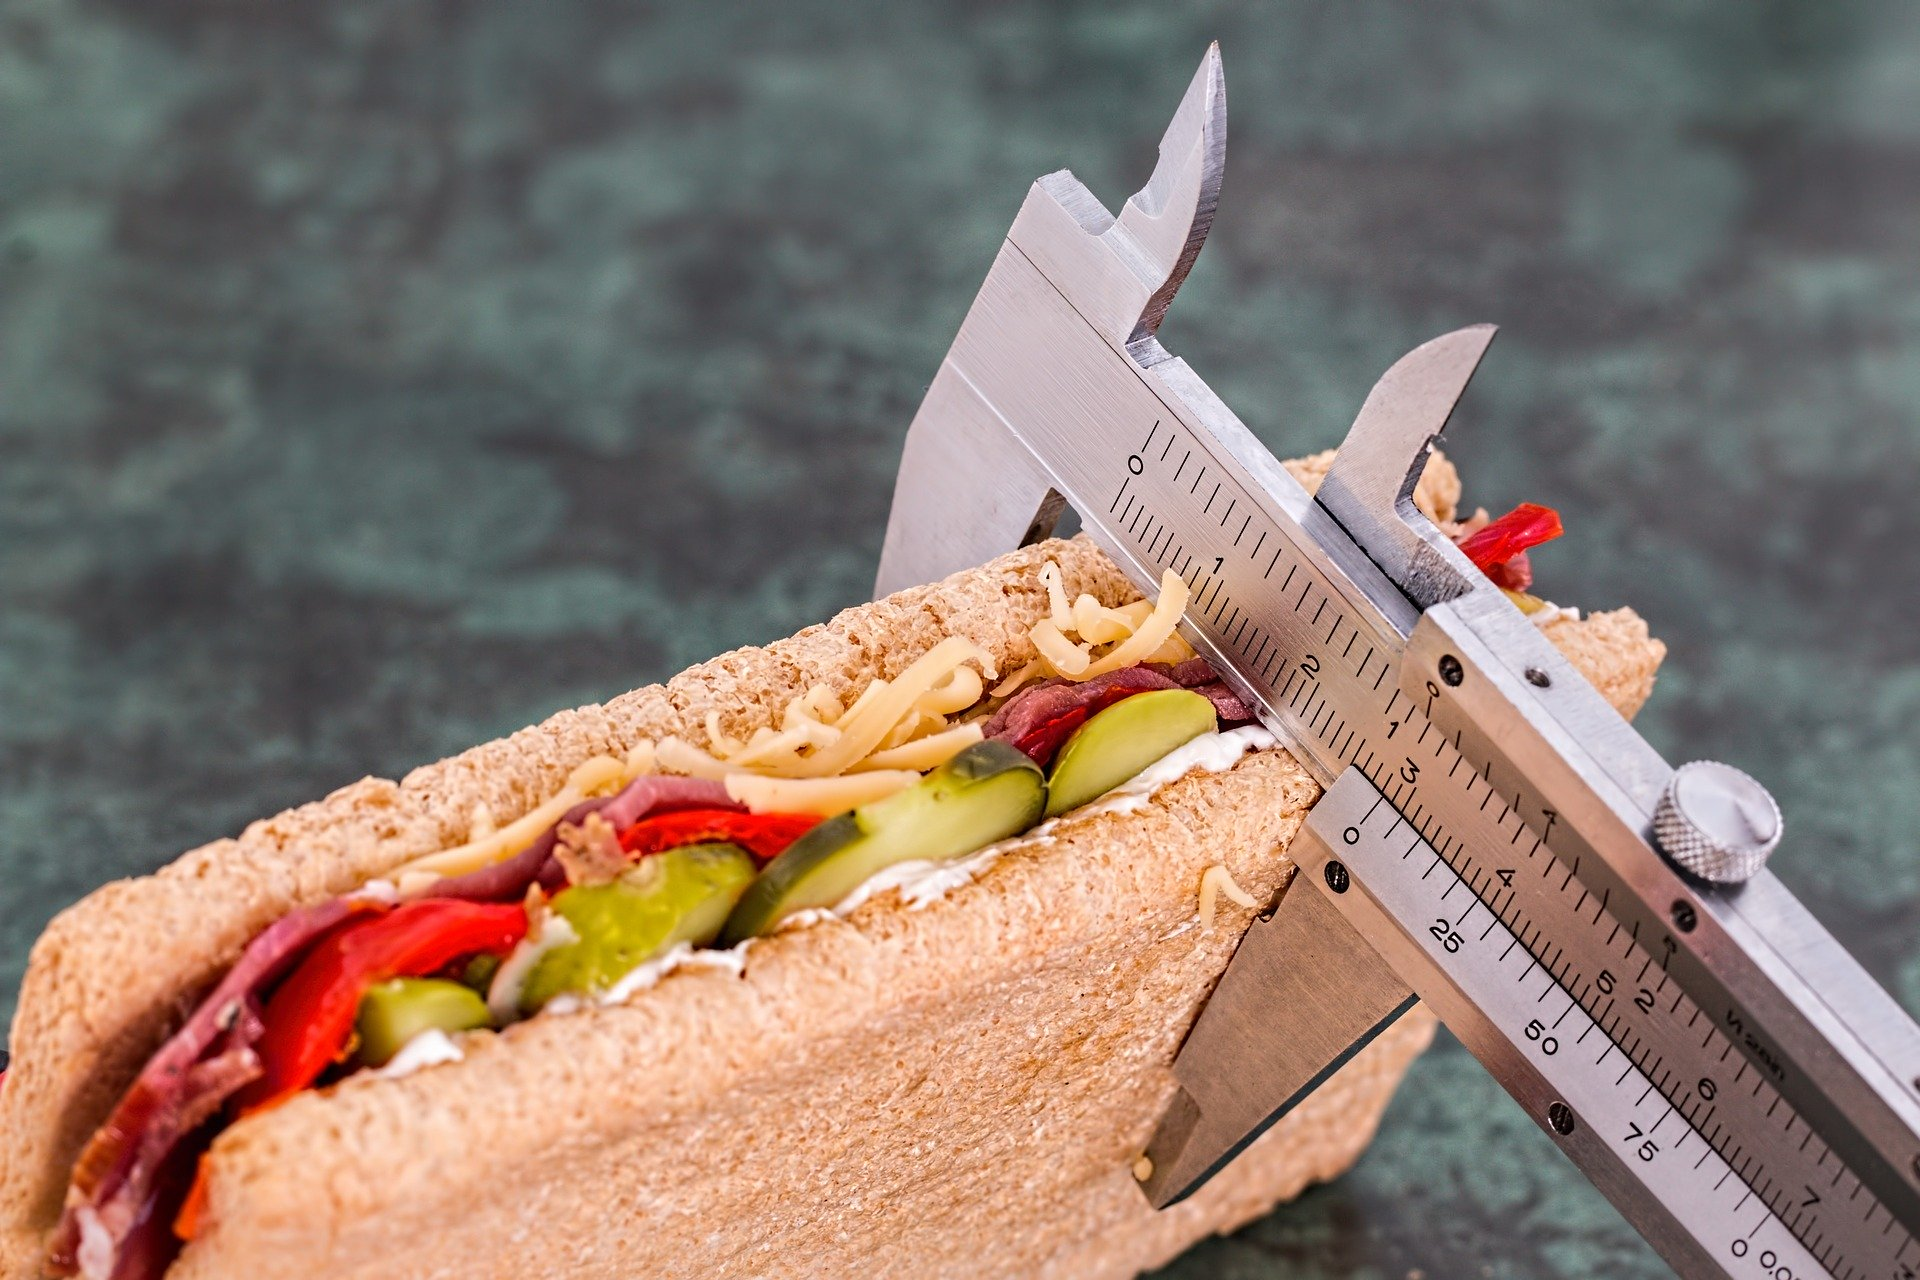 カロリー制限中のpfcバランスの理想値は?ダイエットは栄養バランスを守ろう